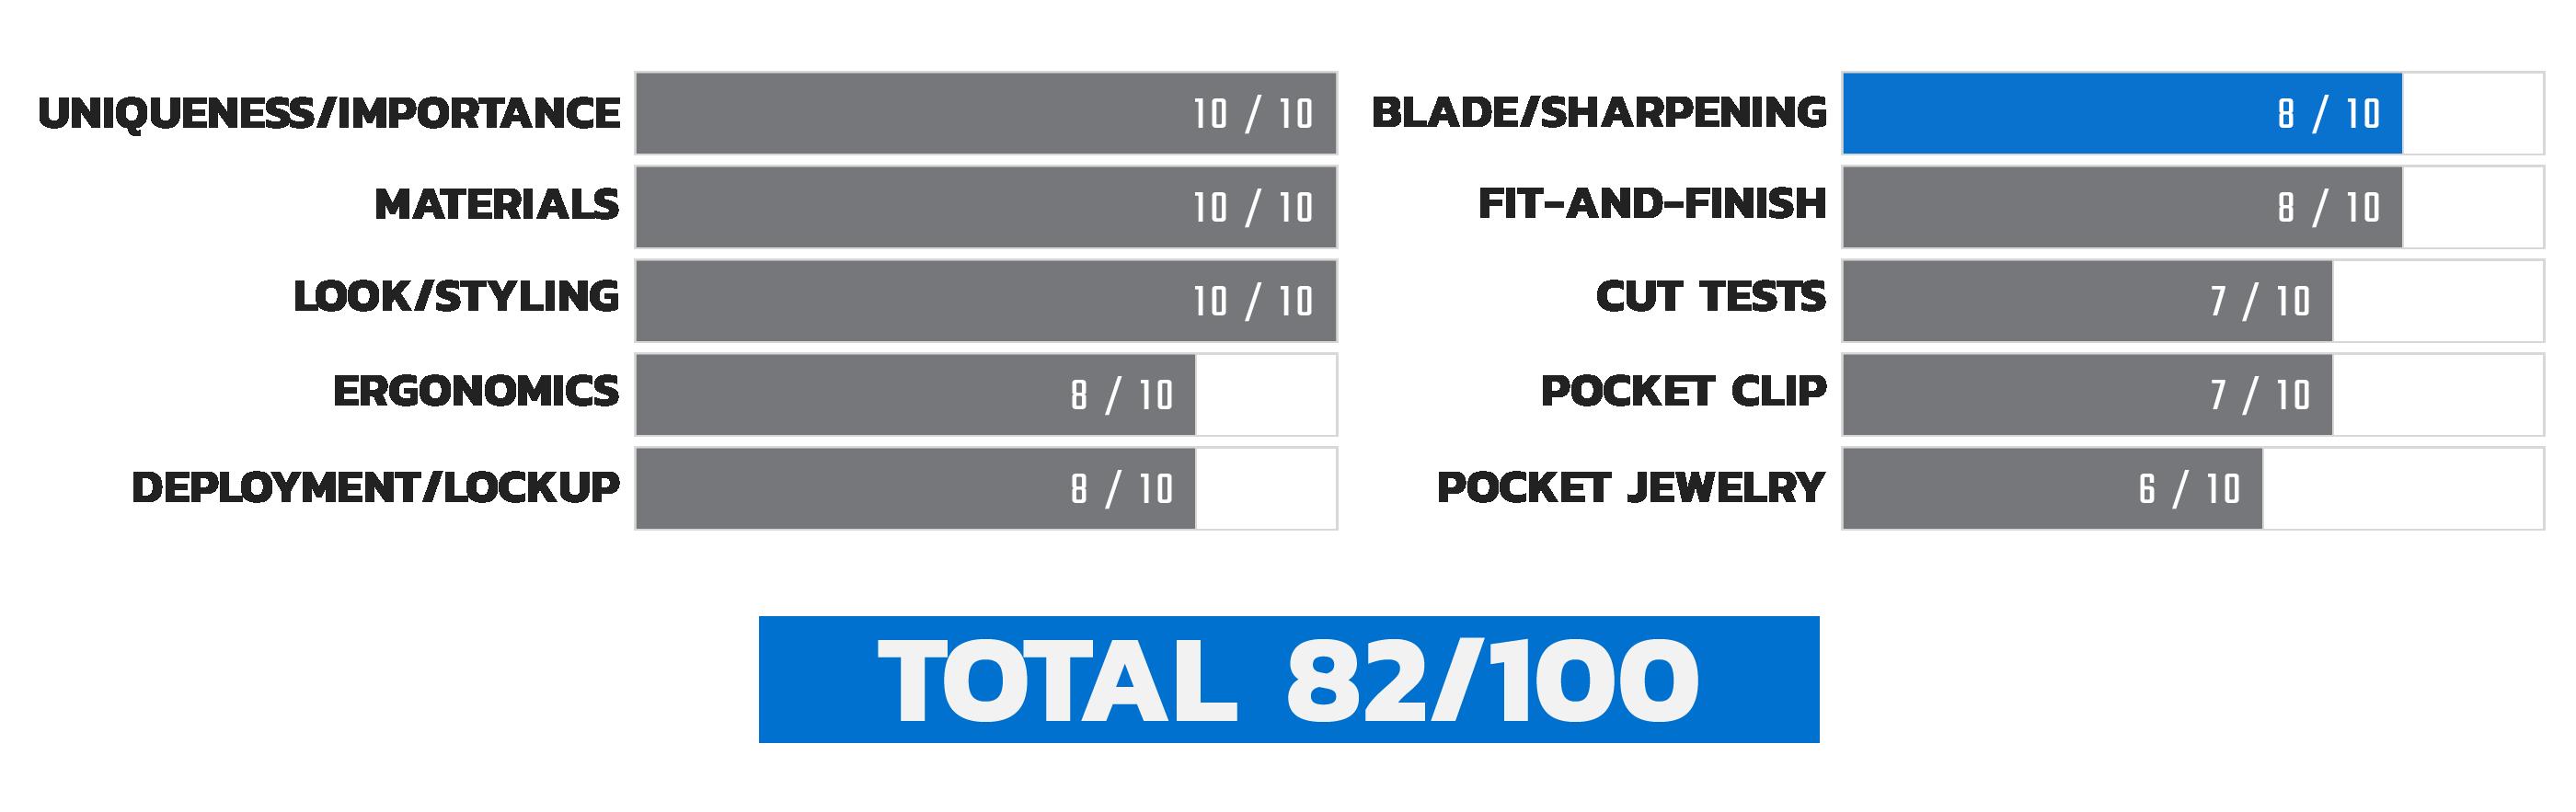 Launch 4 Sharpening Score Chart